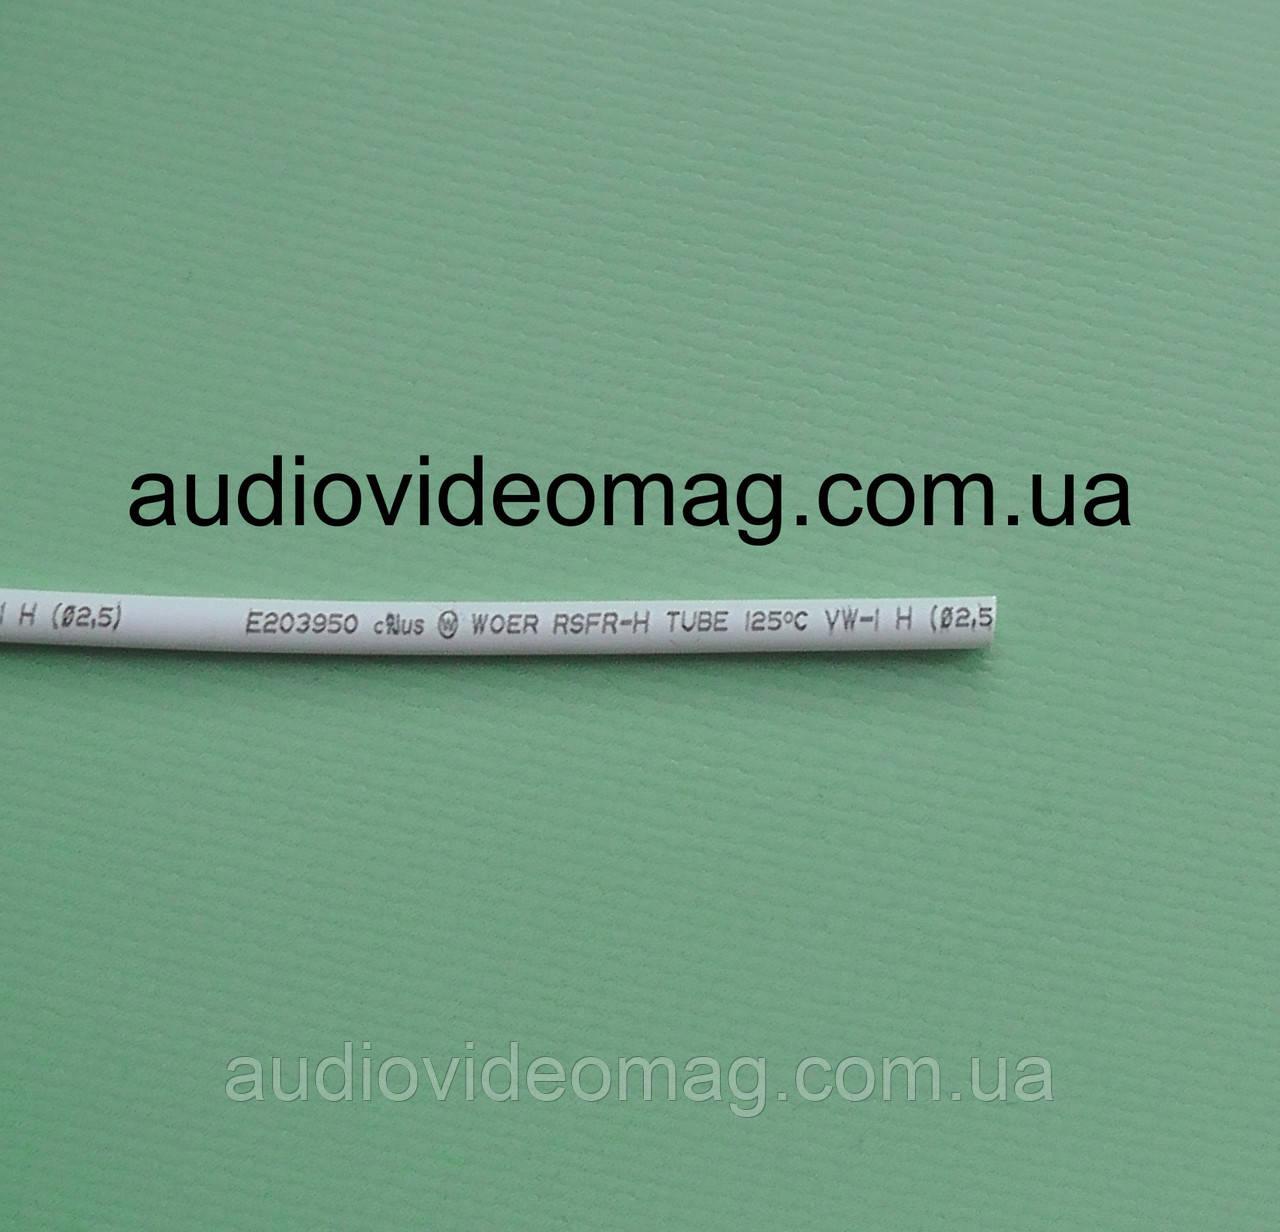 Термоусадочная трубка (2:1) - 2.5/1.25 мм, 1 метр, белая